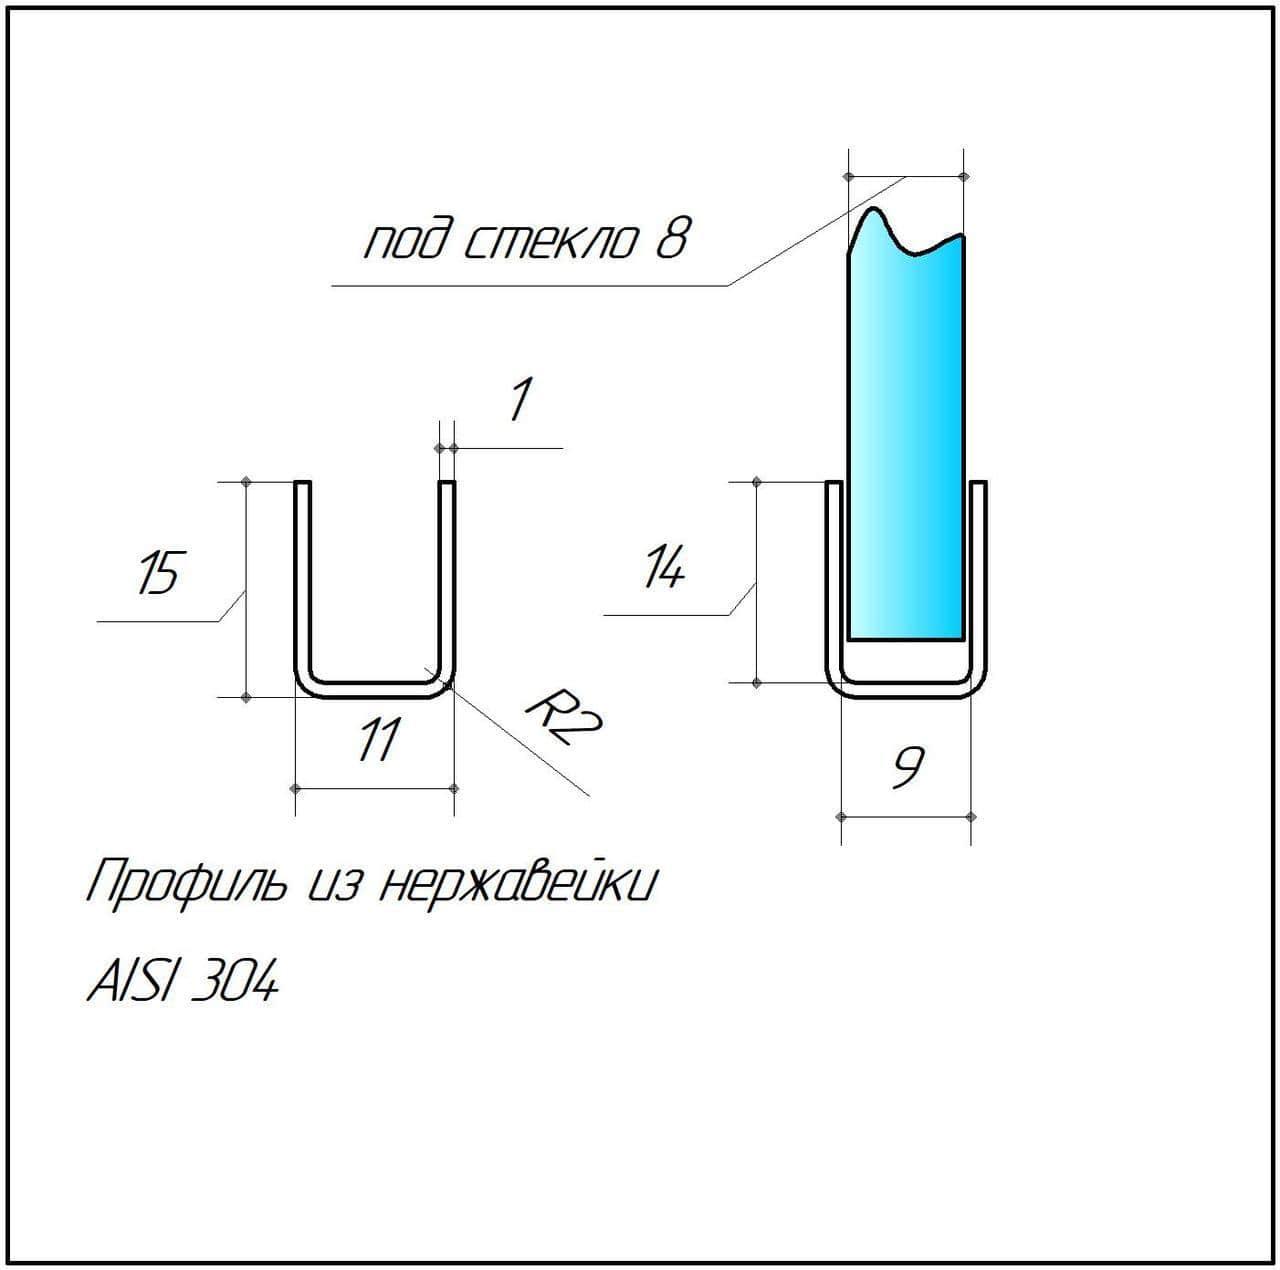 Профиль из нержавейки под стекло 8 мм (полированный) с отверстиями